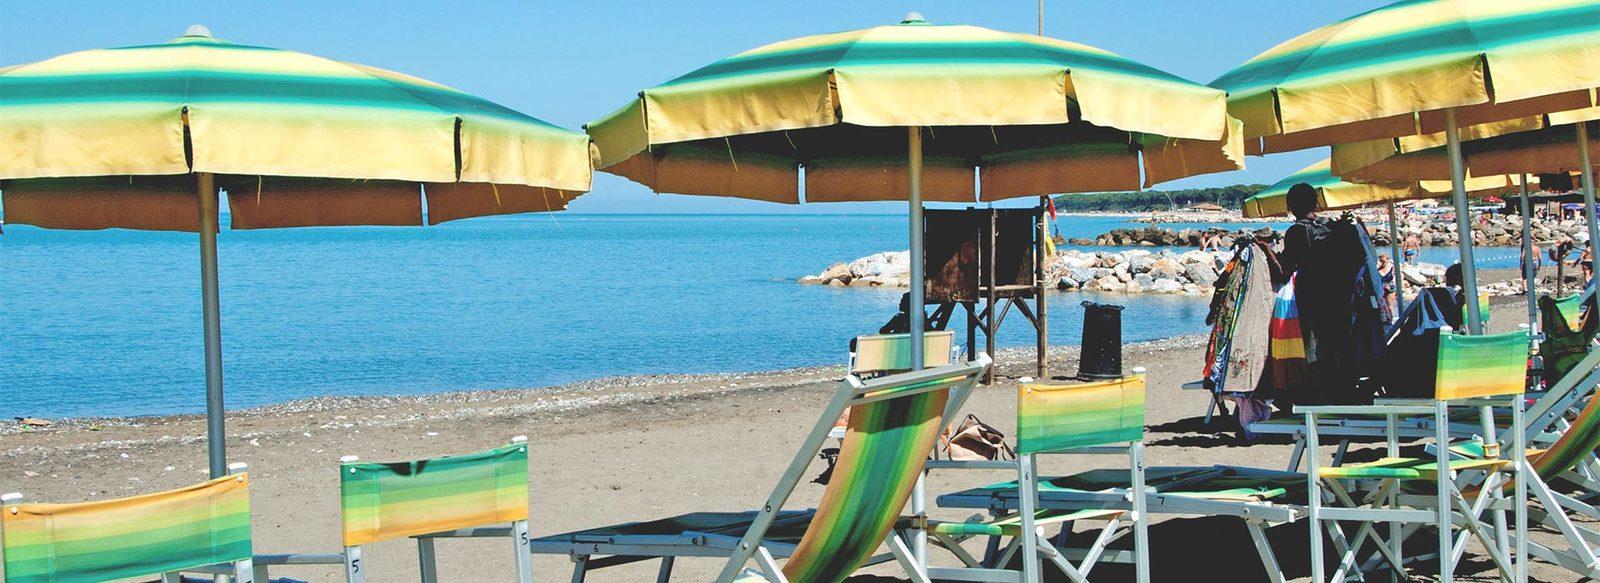 Bungalow per famiglie, con spiaggia inclusa